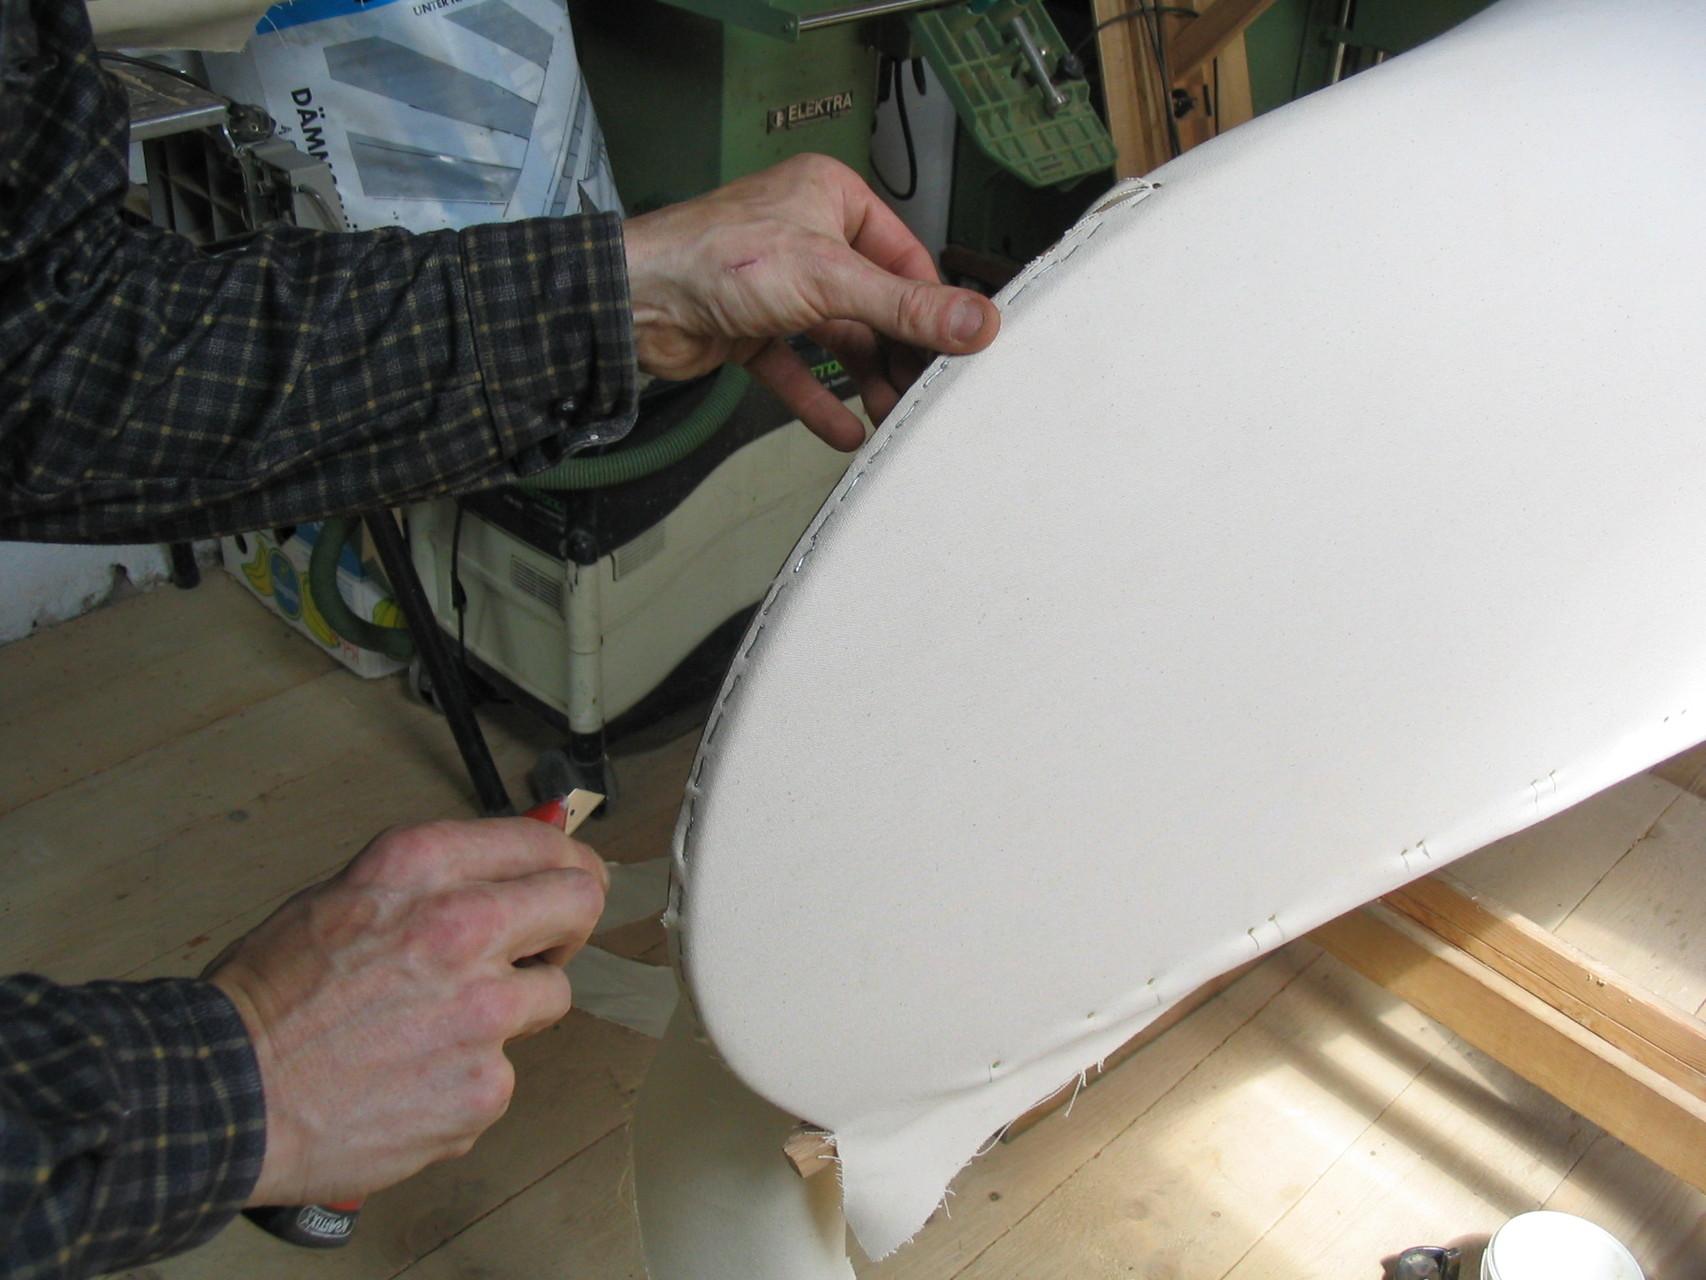 Am Süllrand wird der Canvas festgenagelt und an den Enden mit Edelstahlklammern aufgetackert. Falls der Canvas nach jahrzehntelangem Gebrauch gewechselt werden soll, kann dieser abgenommen und neu aufgezogen werden.